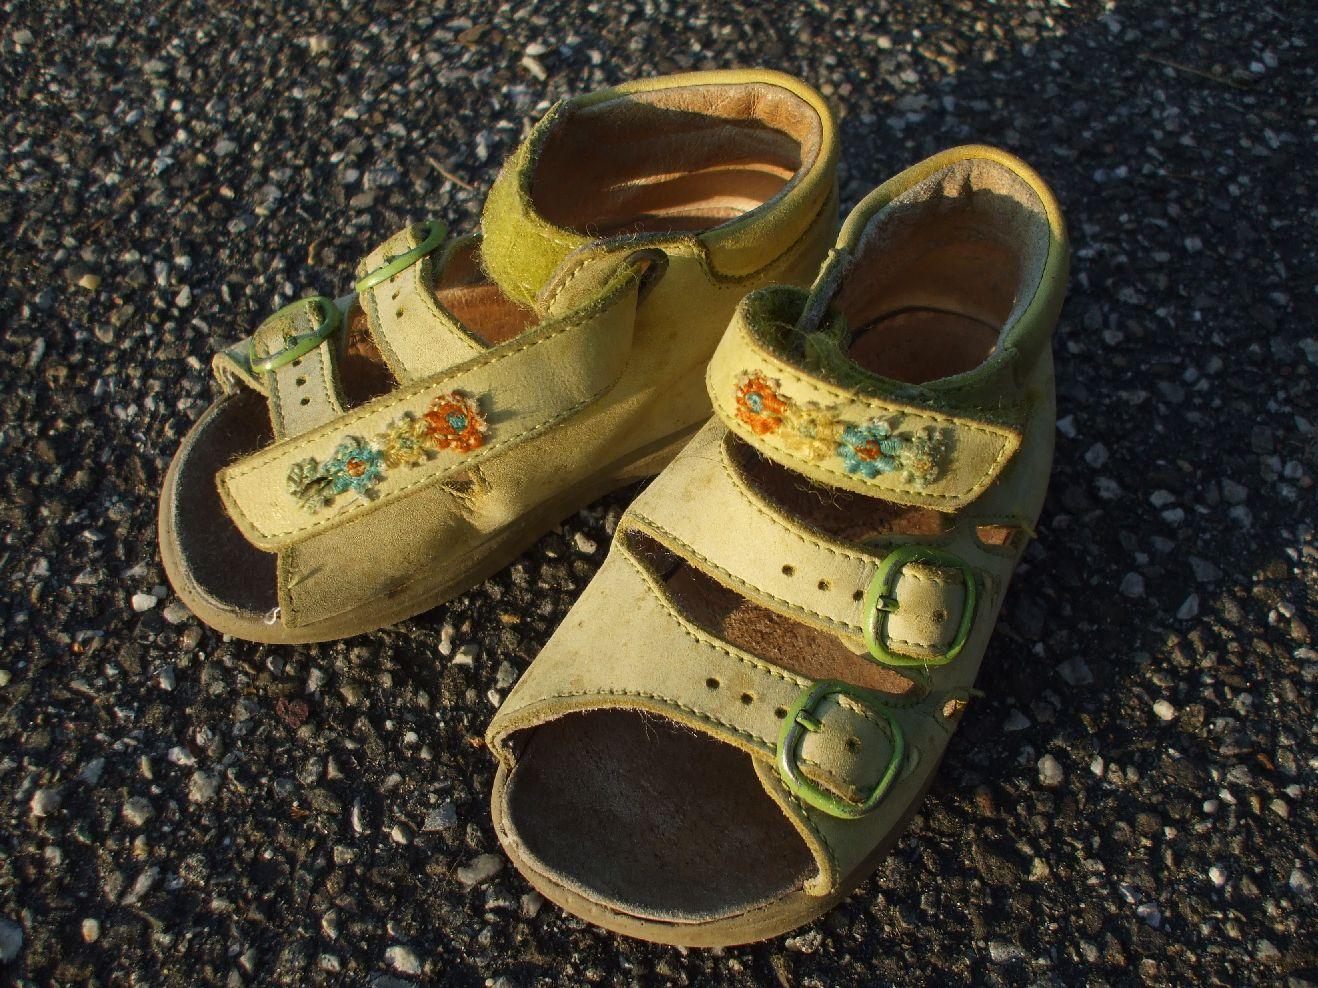 outlet store 200f4 70d68 Babysachen:Kleider:Schuhe gebraucht:Sandälchen Grösse 22